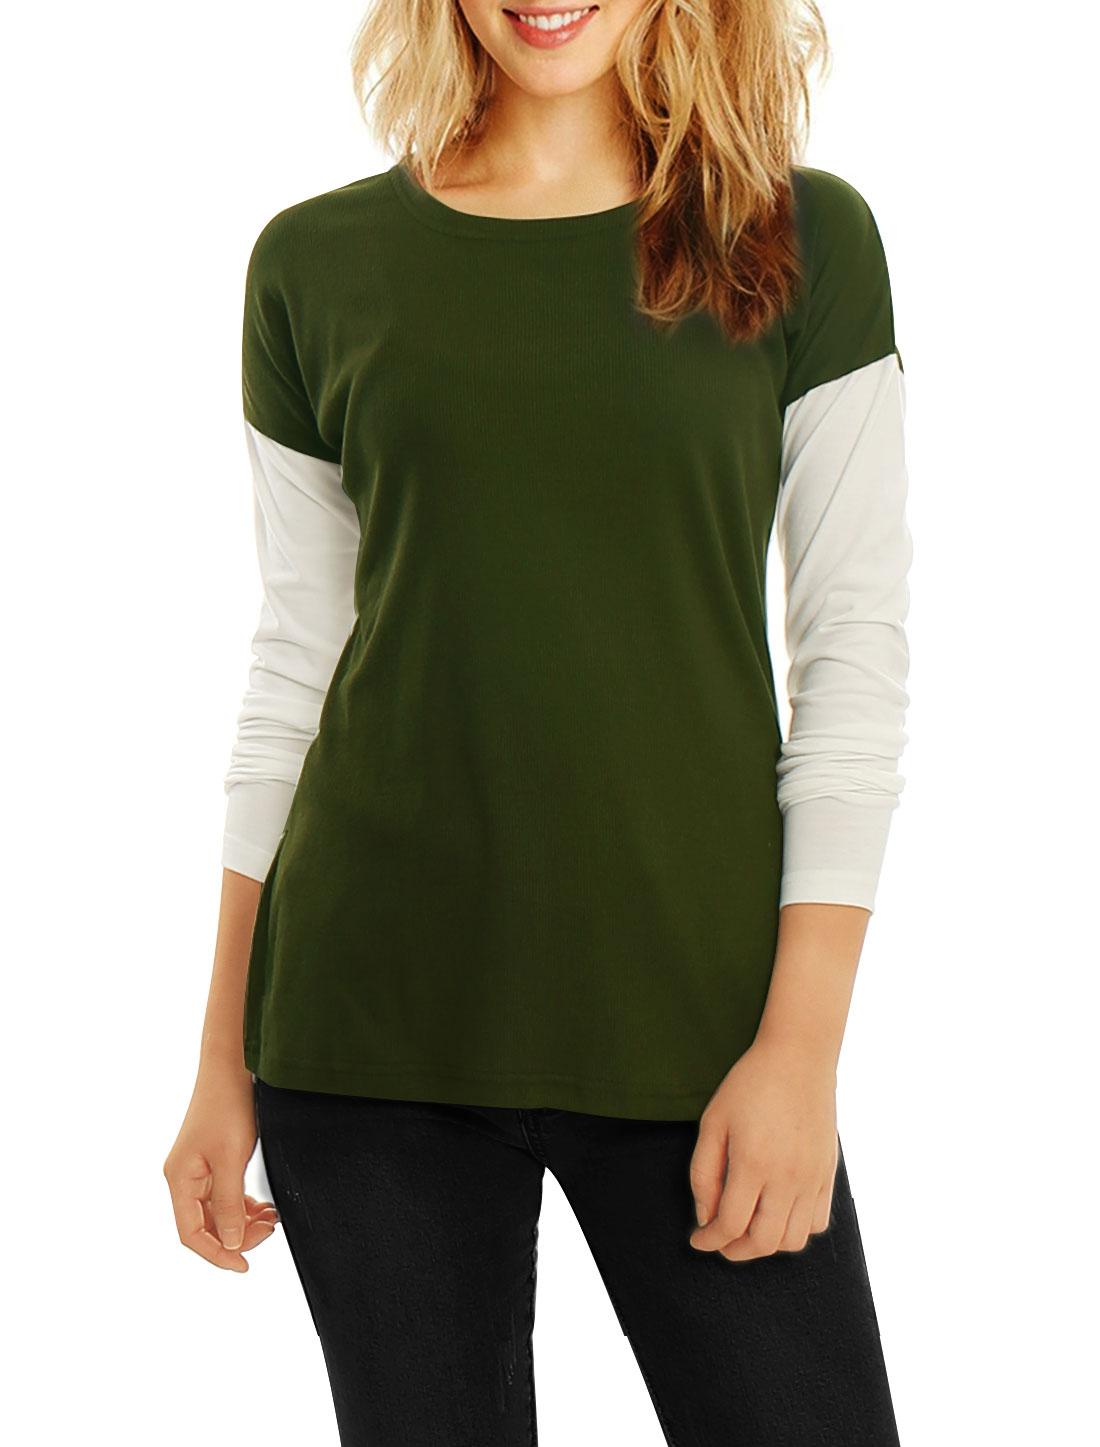 Allegra K Women Color Block Side-Slit Paneled Slim Fit Ribbed Top Green L